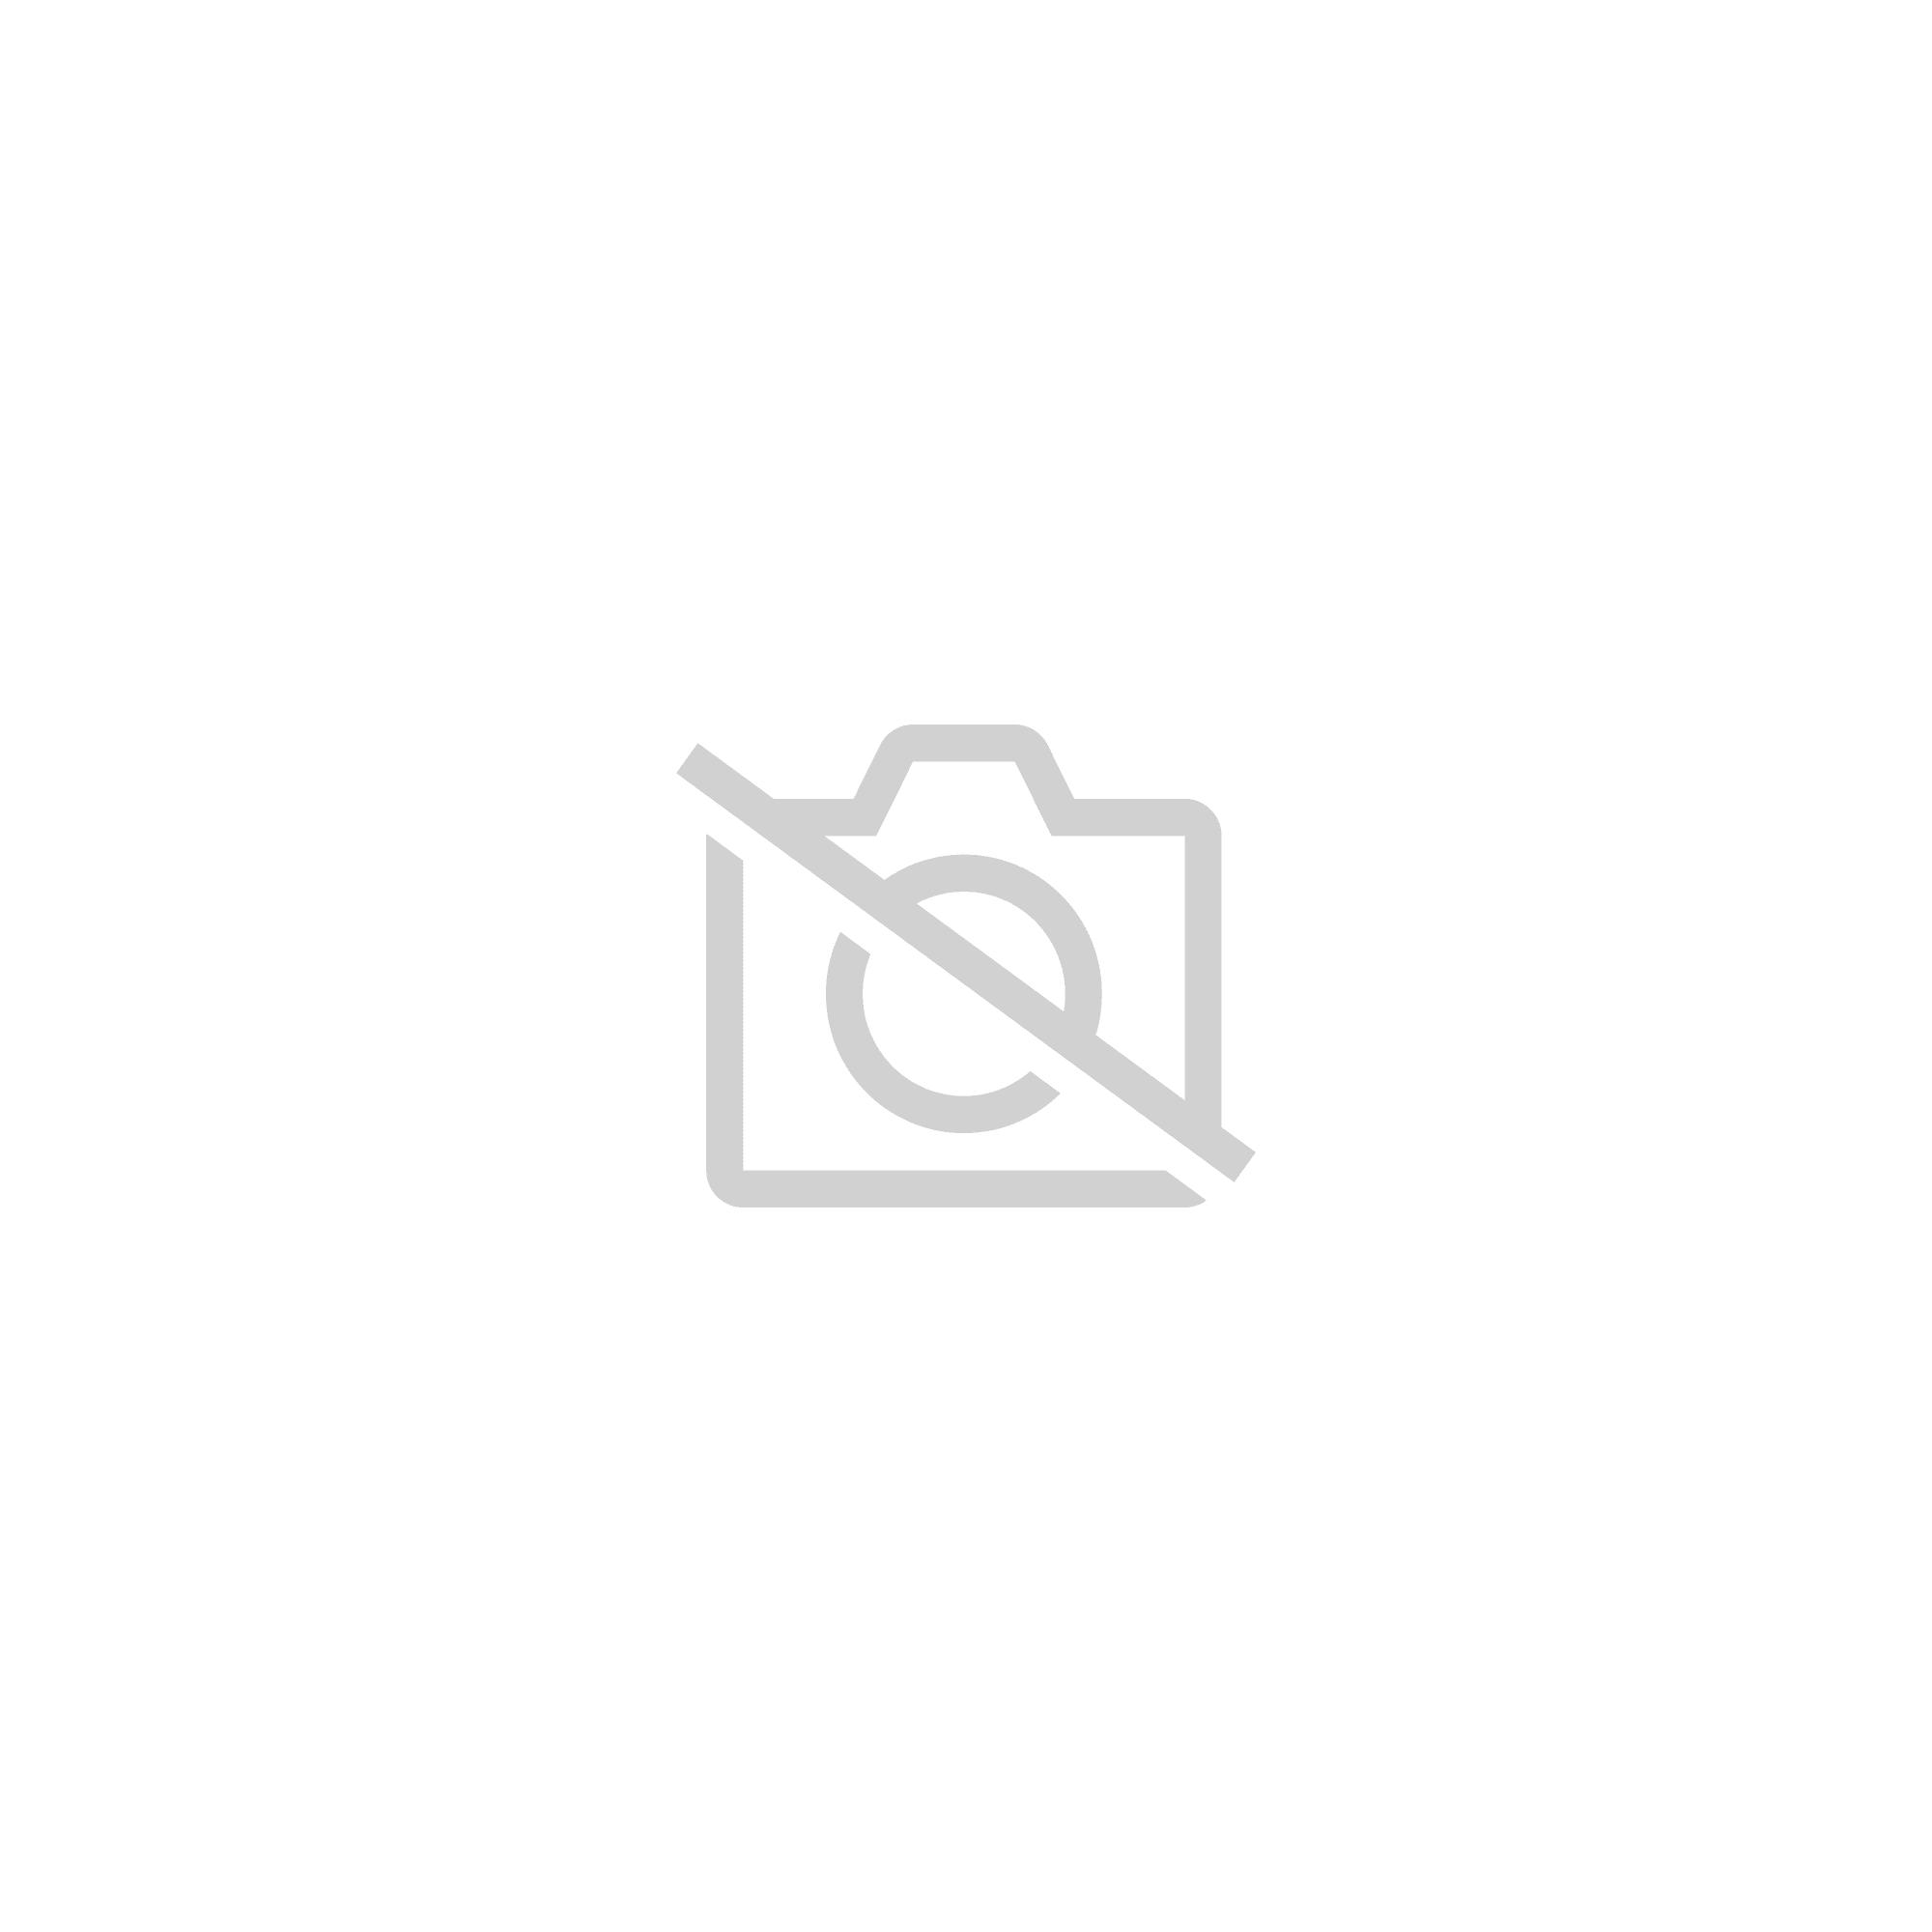 profondimetre - Une nouvelle montre profondimètre chez Oris 368513130